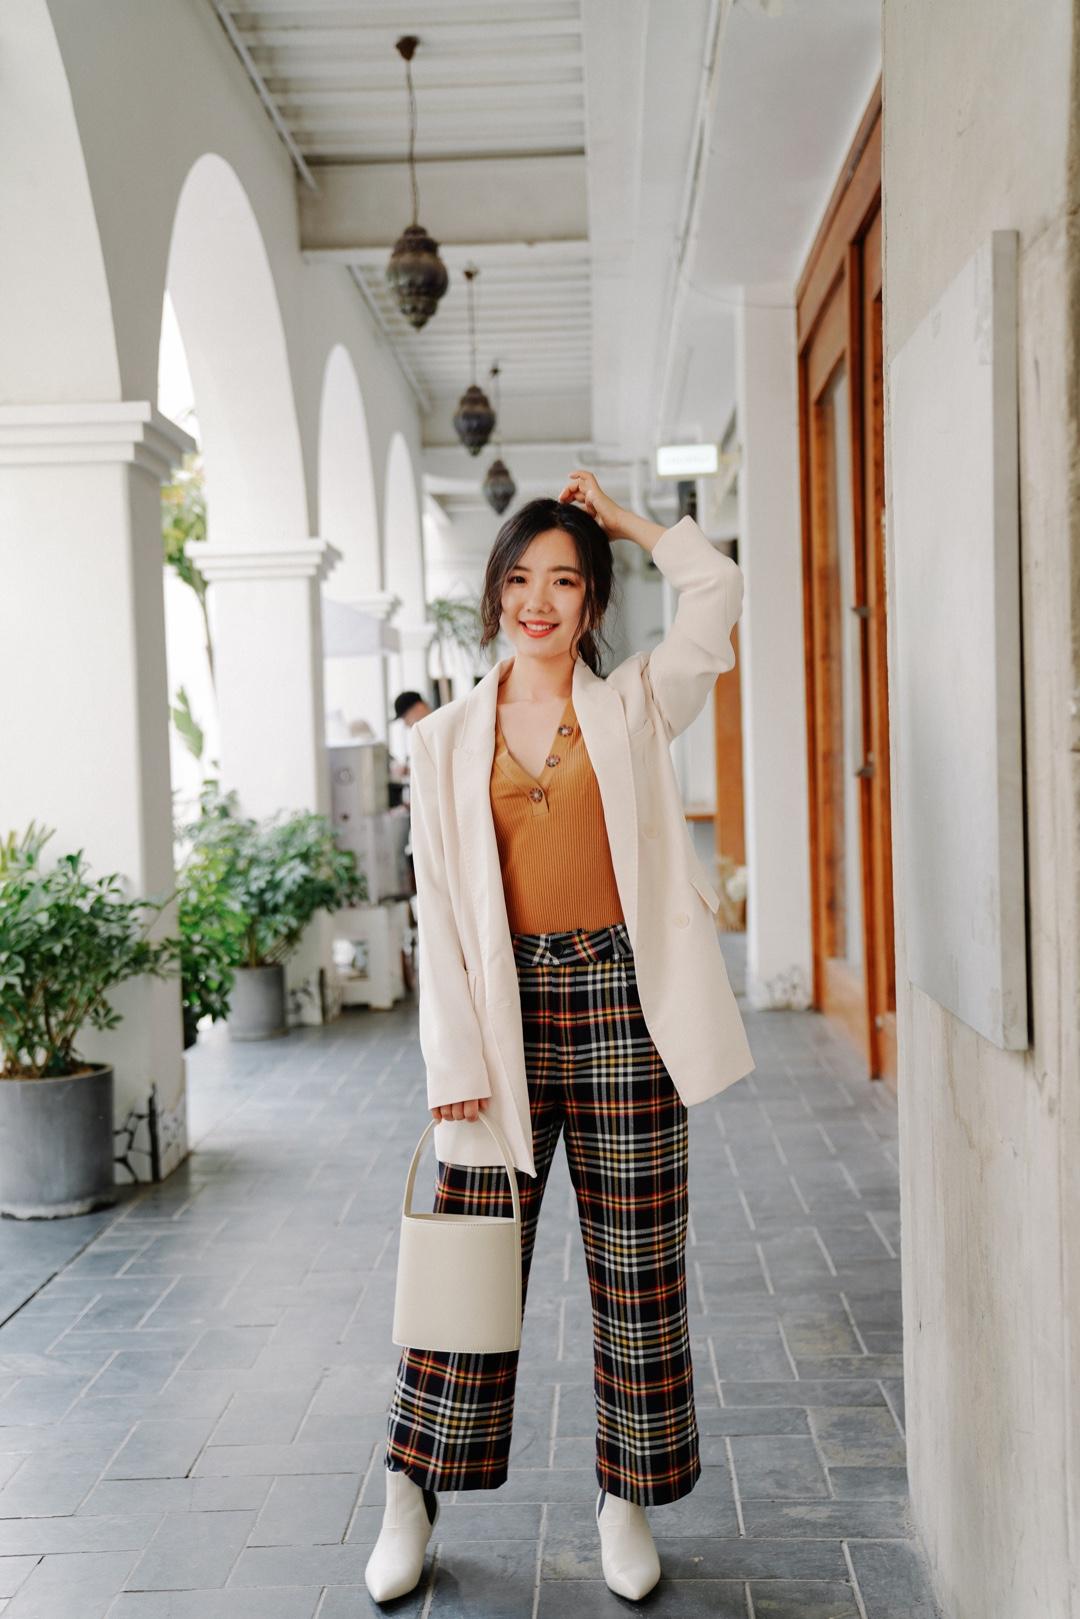 小毛穿搭| 西装 趁夏天还没有真正来临,抓紧时间穿西装🤵  🤵白色西装外套是去年冬天的mango,还配了一根腰带,下次打算套装搭配再来一个 👖格纹裤也是去年冬天入的,来自永远有惊喜的zara,配色太喜欢了 👕纽扣上衣是很喜欢的法式品牌sezane 🥿小白靴是从冬天穿到春天的marie claire 👜水桶包staud,白色太适合春夏了 #小长假度假品牌上新#